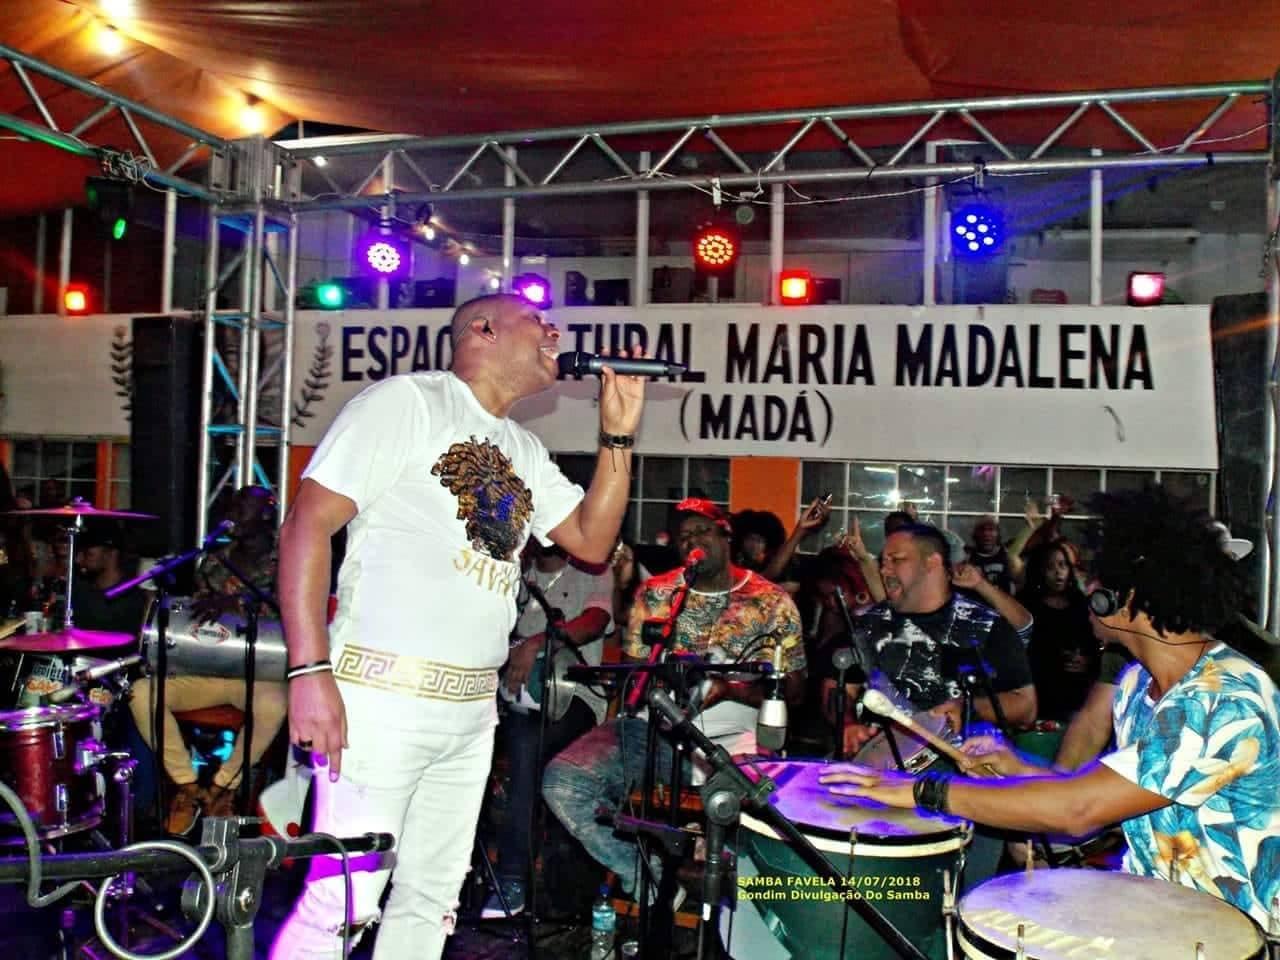 Voz da Arte: Projetos de samba e funk mostram que favelas não são sinônimo de violência